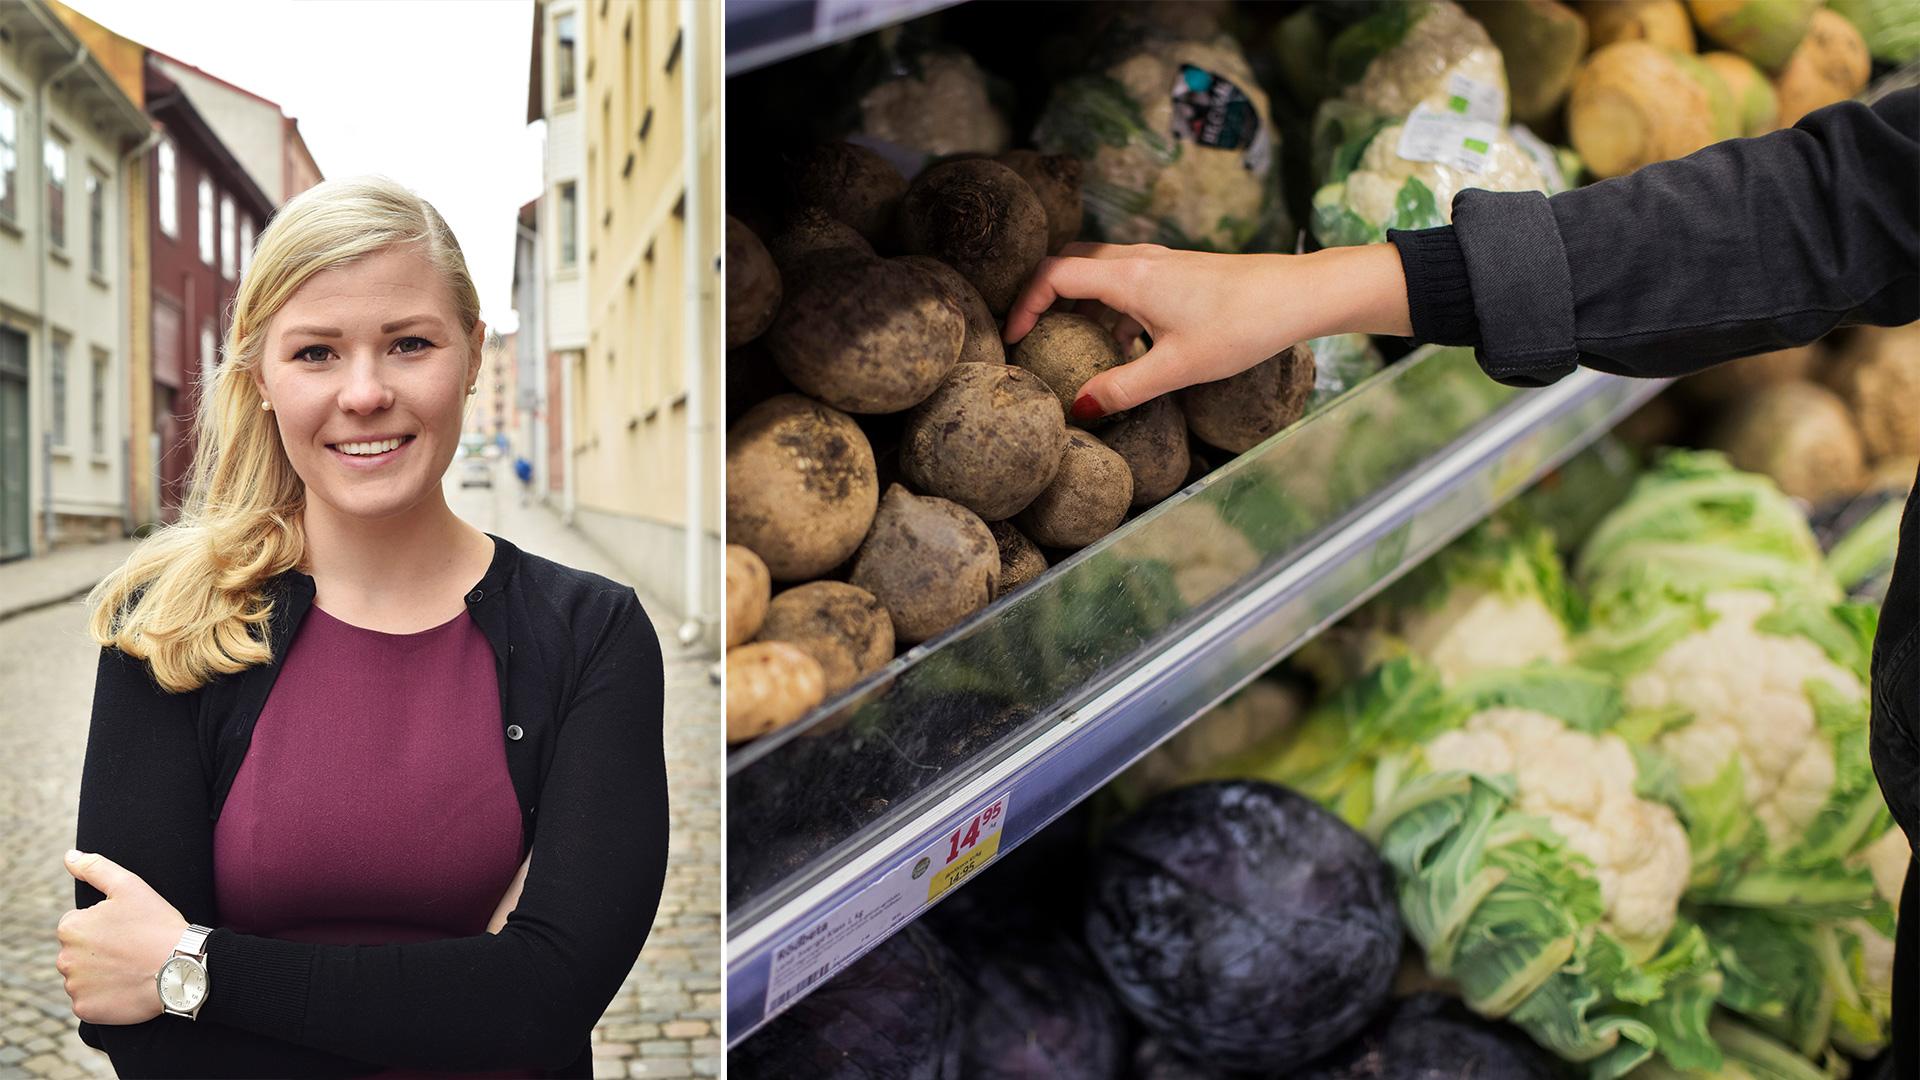 Vänster: Dietisten Charlotta Rubin. Höger: En person som plockar grönsaker i en grönsaksdisk